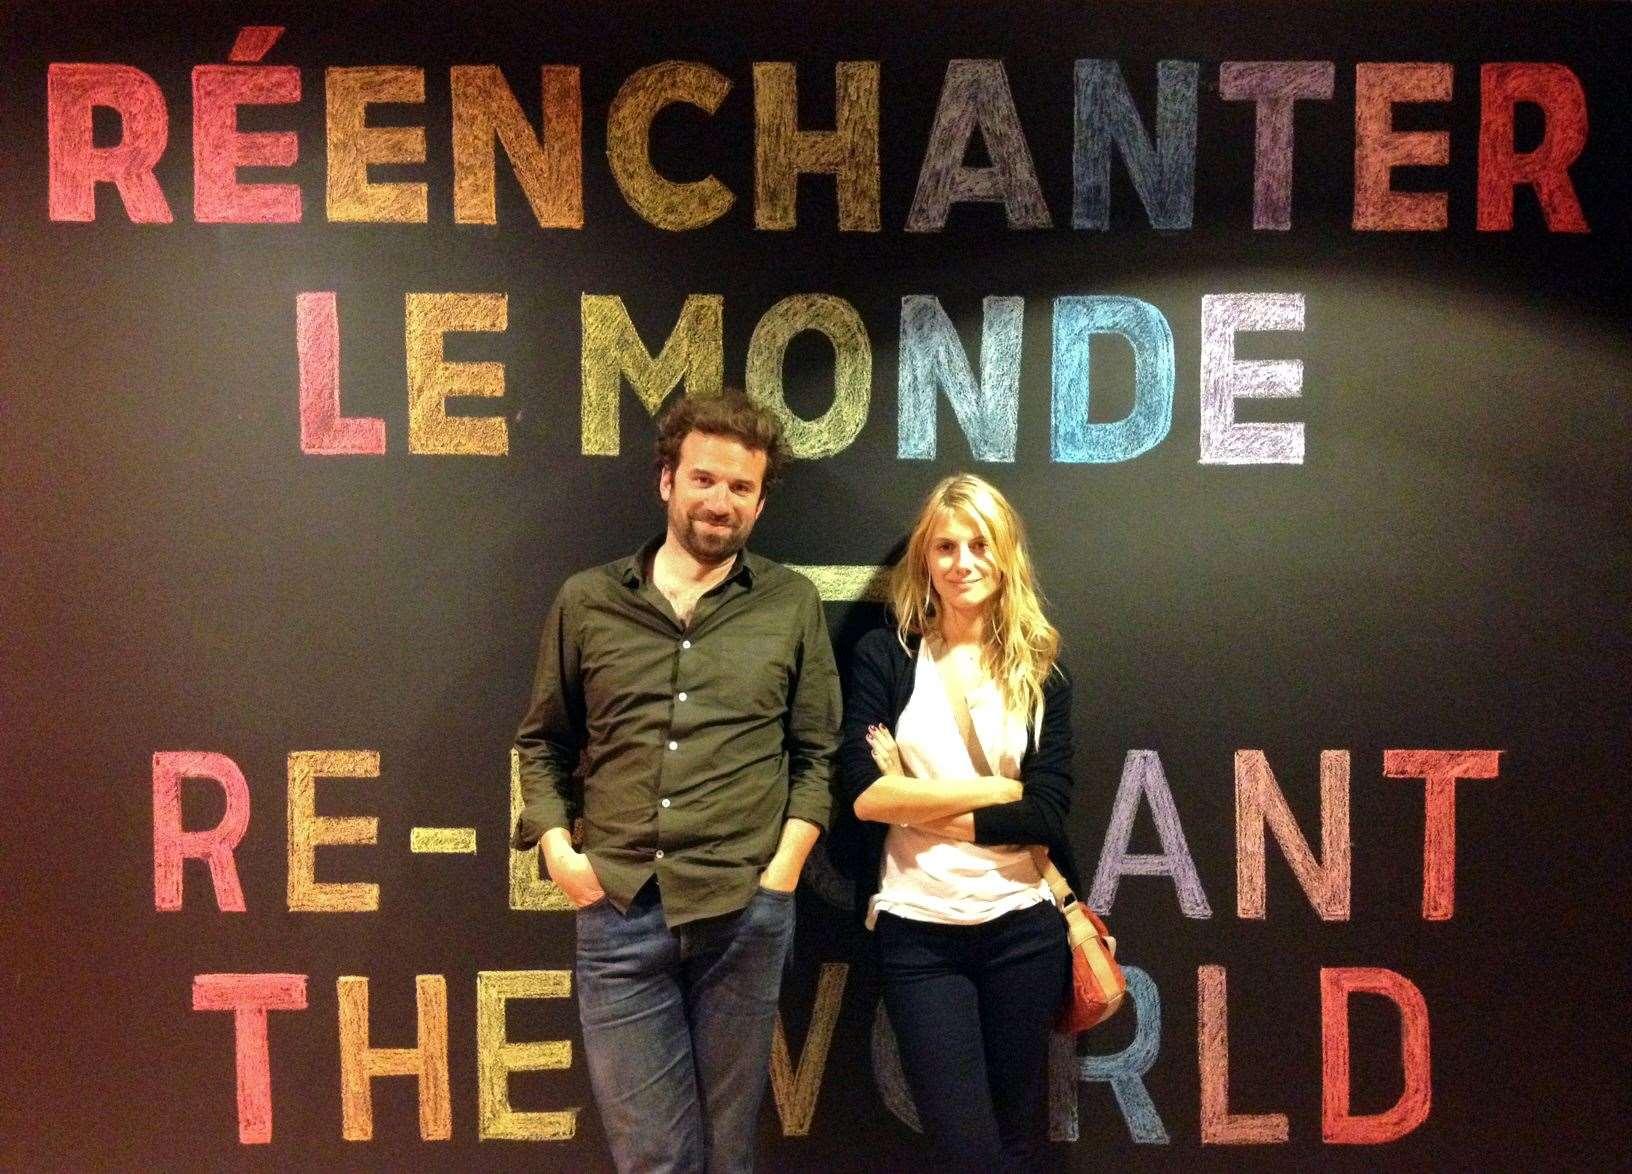 French Makers of Tomorrow, Cyril Dion, écrivain et militant, et Mélanie Laurent, comédienne et chanteuse